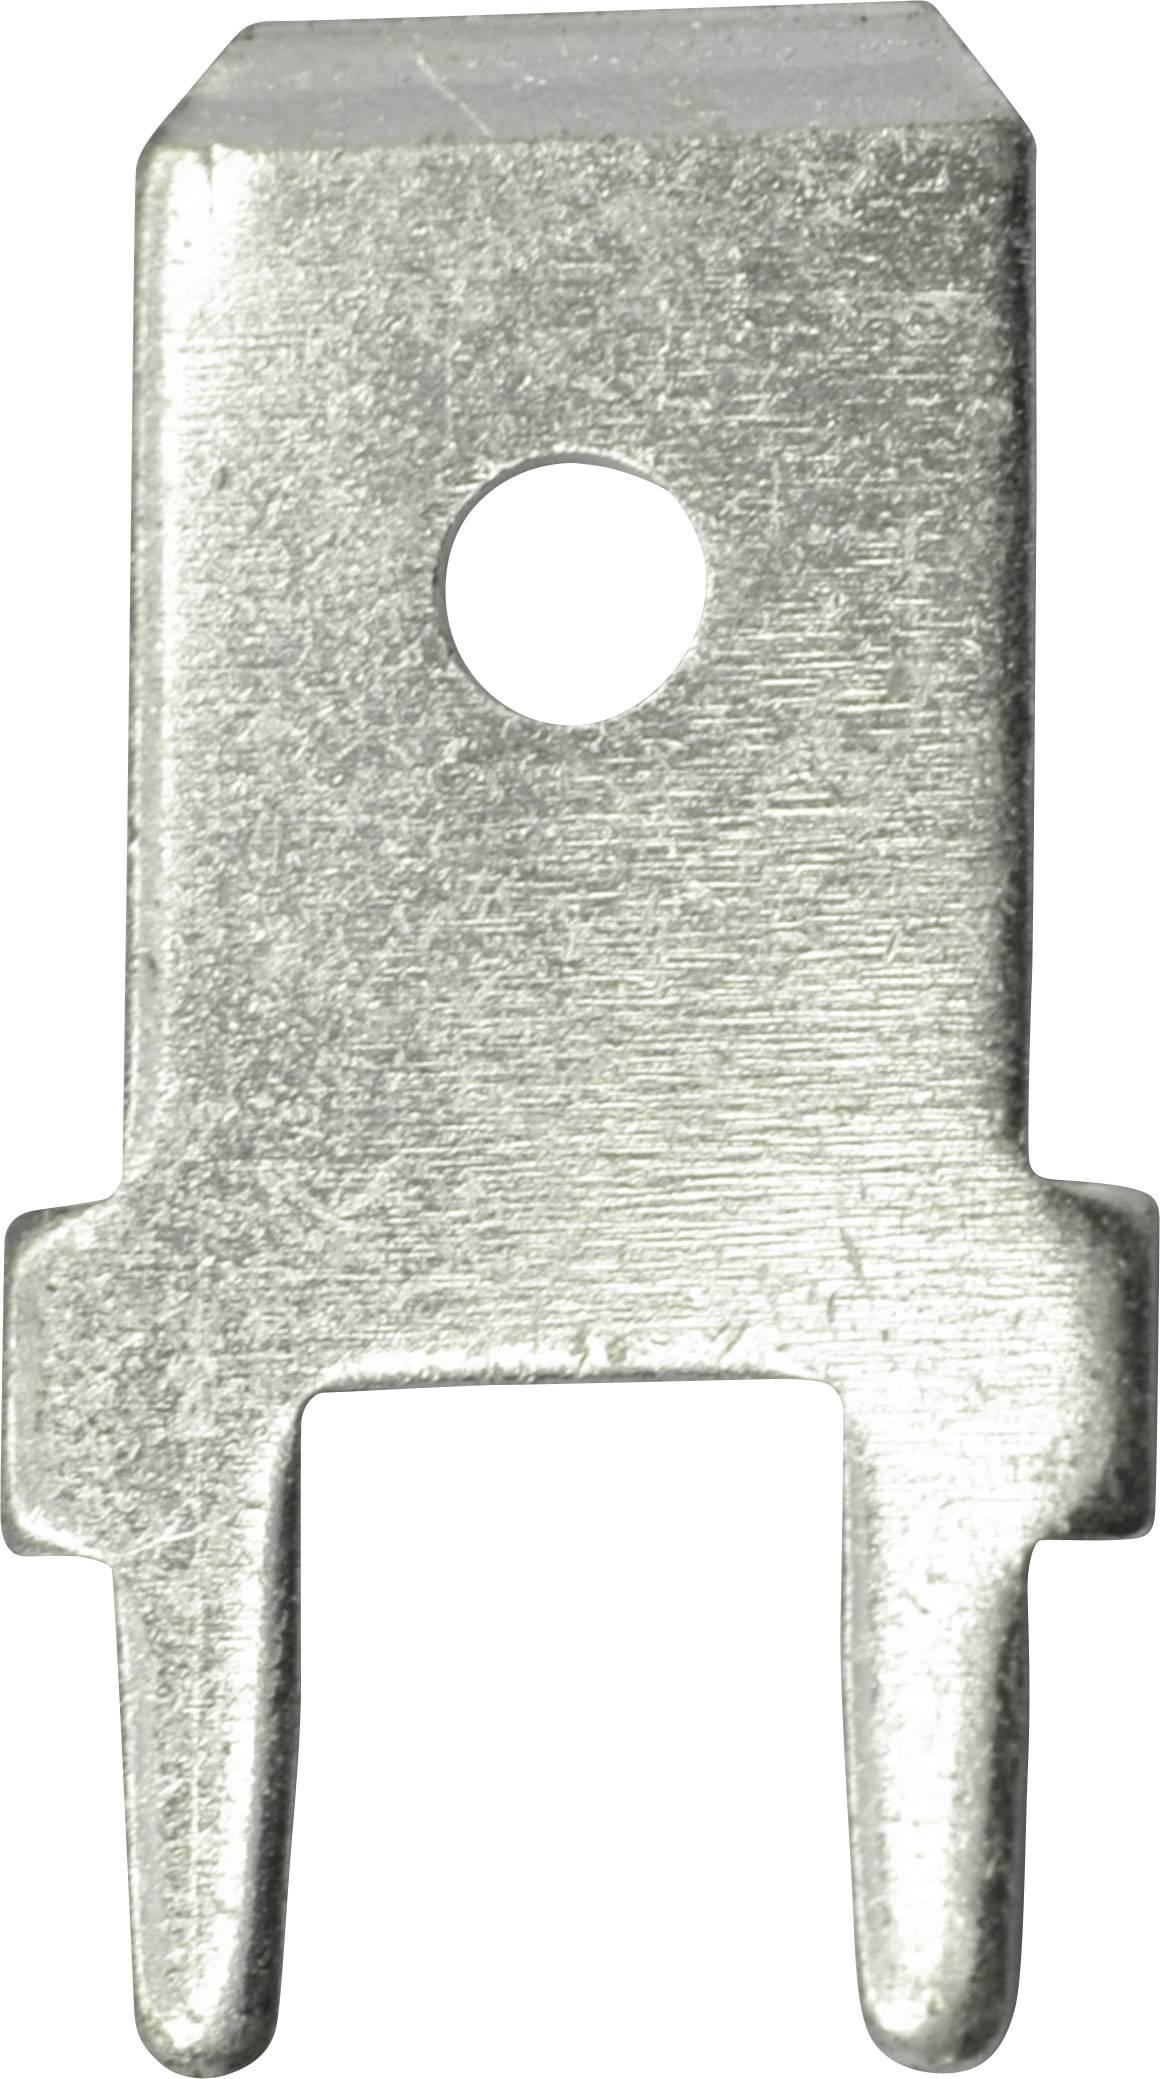 Jazýčkový konektor neizol. Vogt 3866A.68, 0,8 mm, 180 °, 1,3 mm, 100 ks, kov